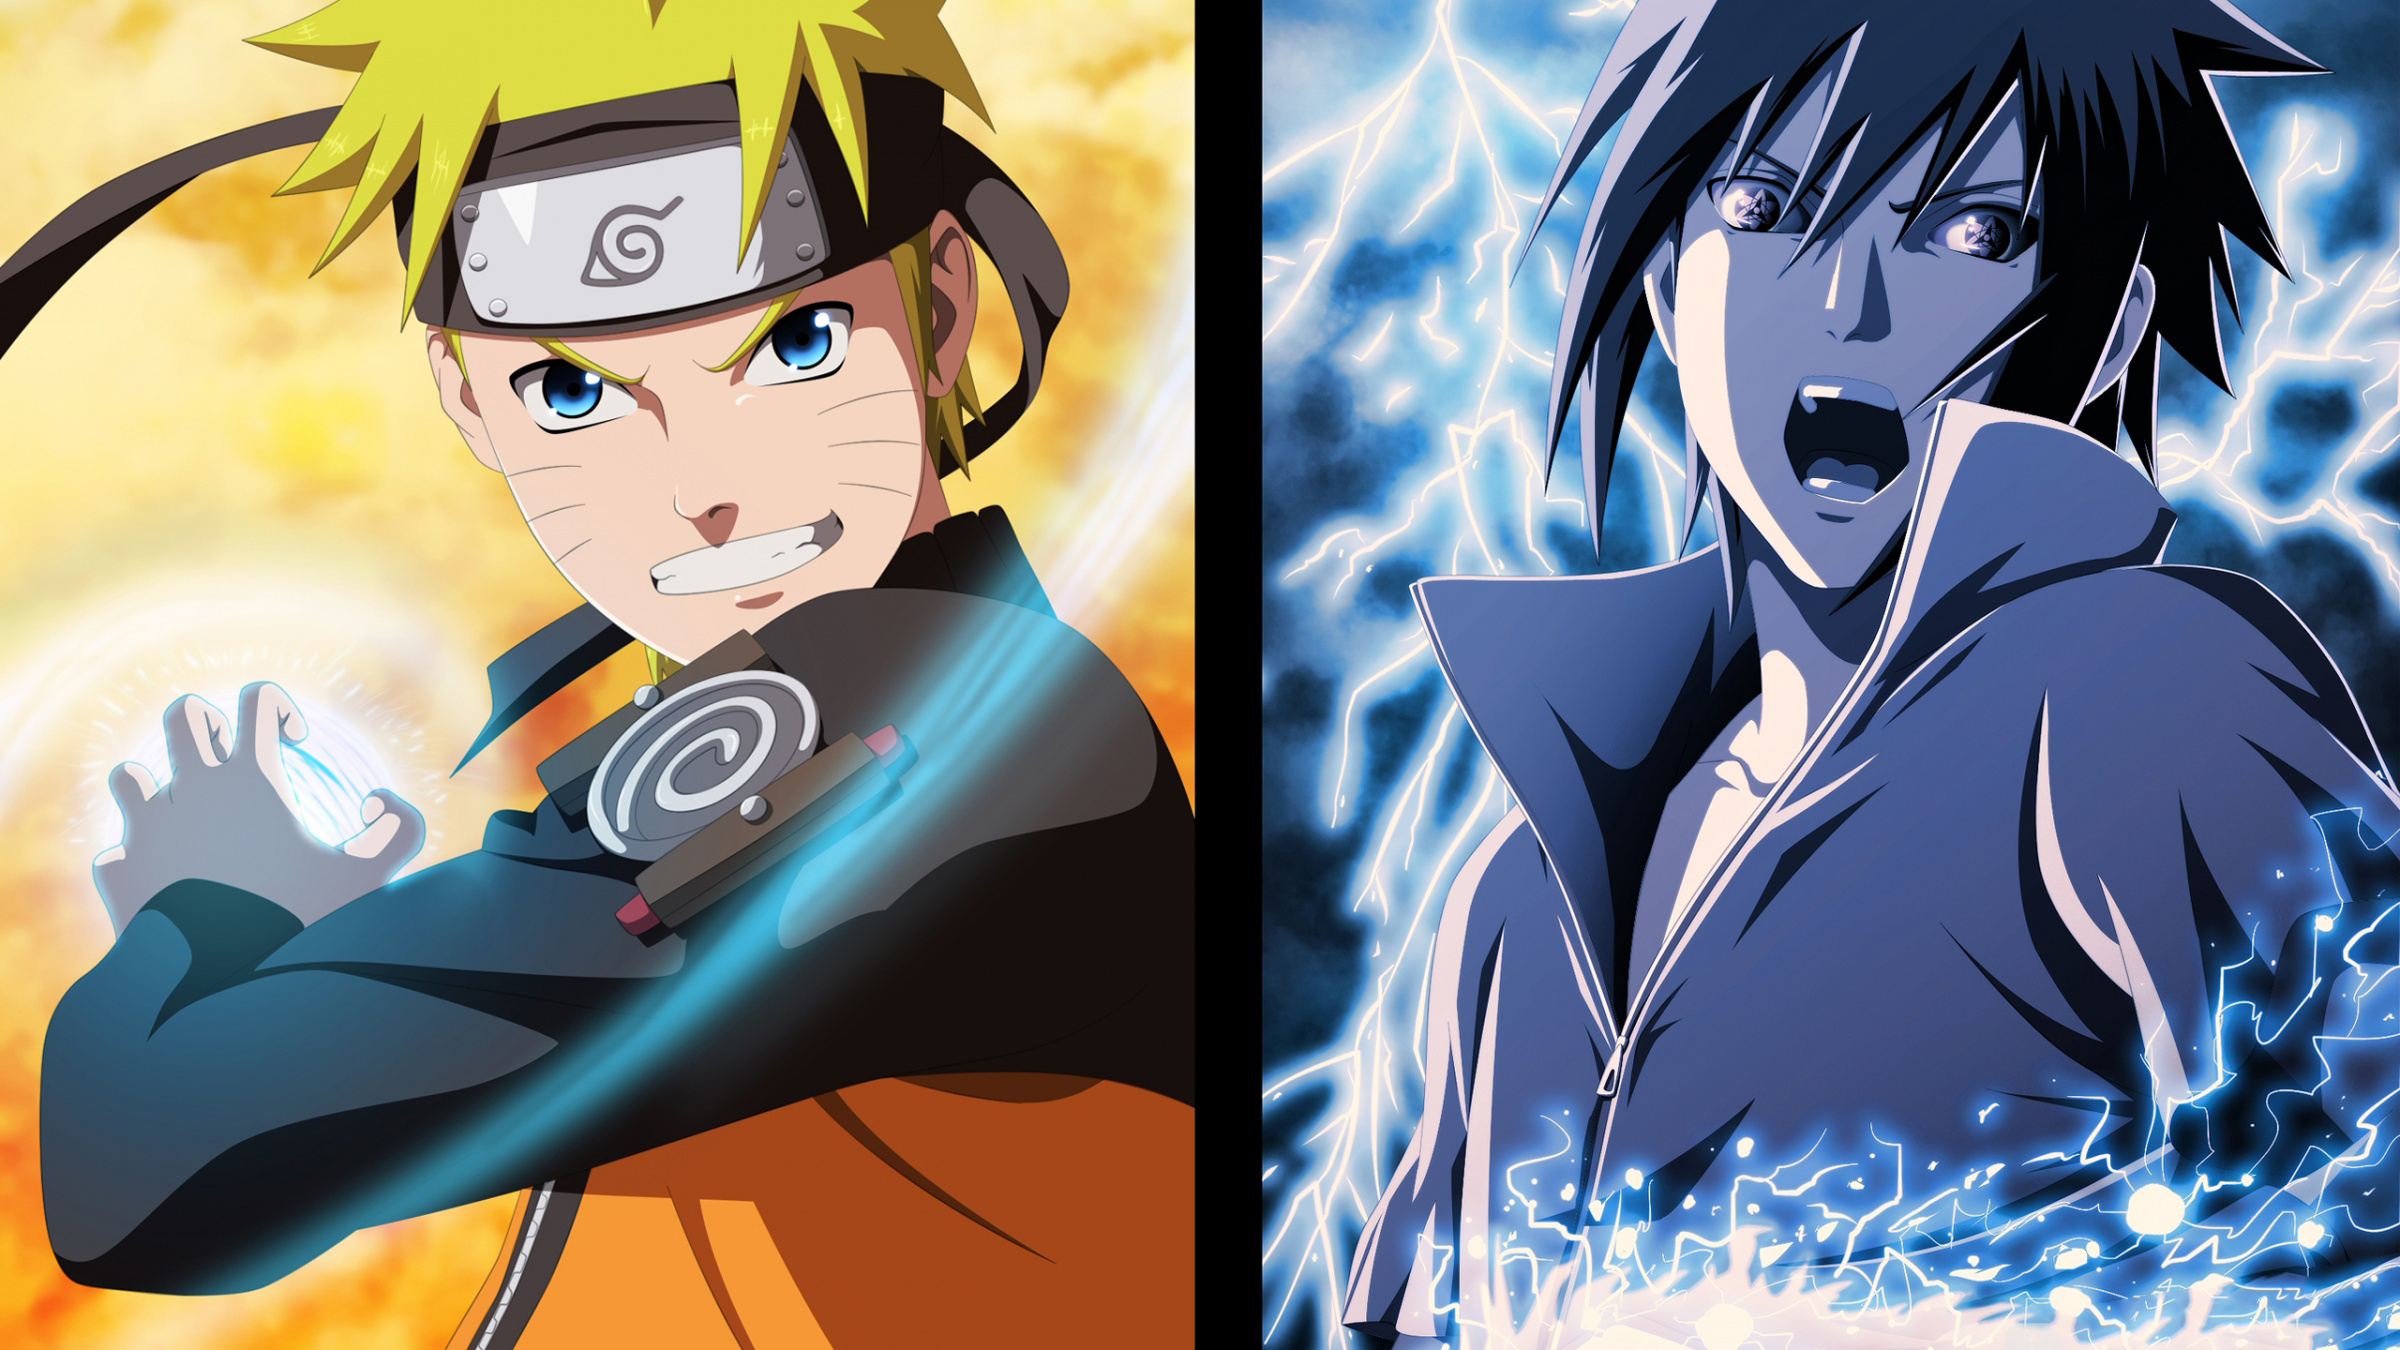 Fantastic Wallpaper Naruto Galaxy S6 - 655518  Photograph_446960.jpg